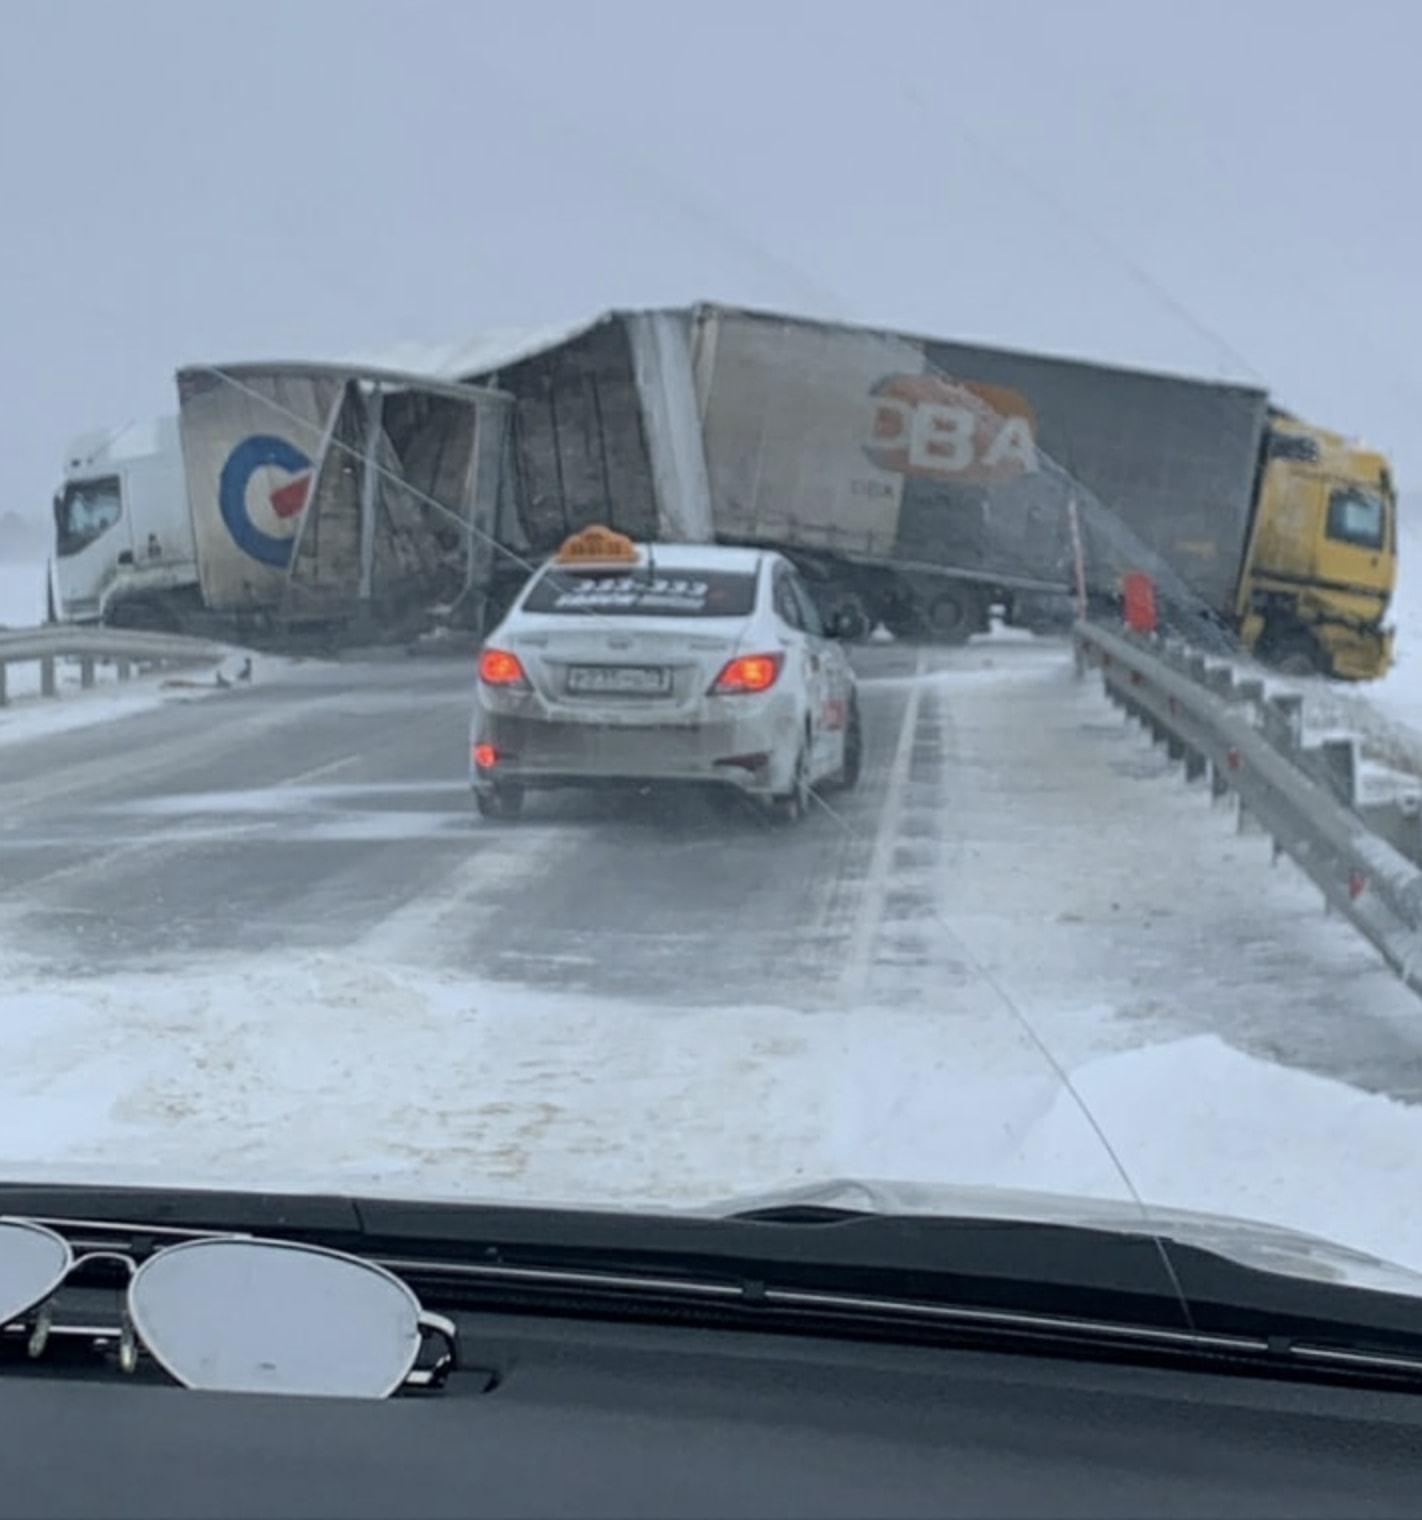 Tempeste di neve e vento in Russia, tanti danni e tetti divelti